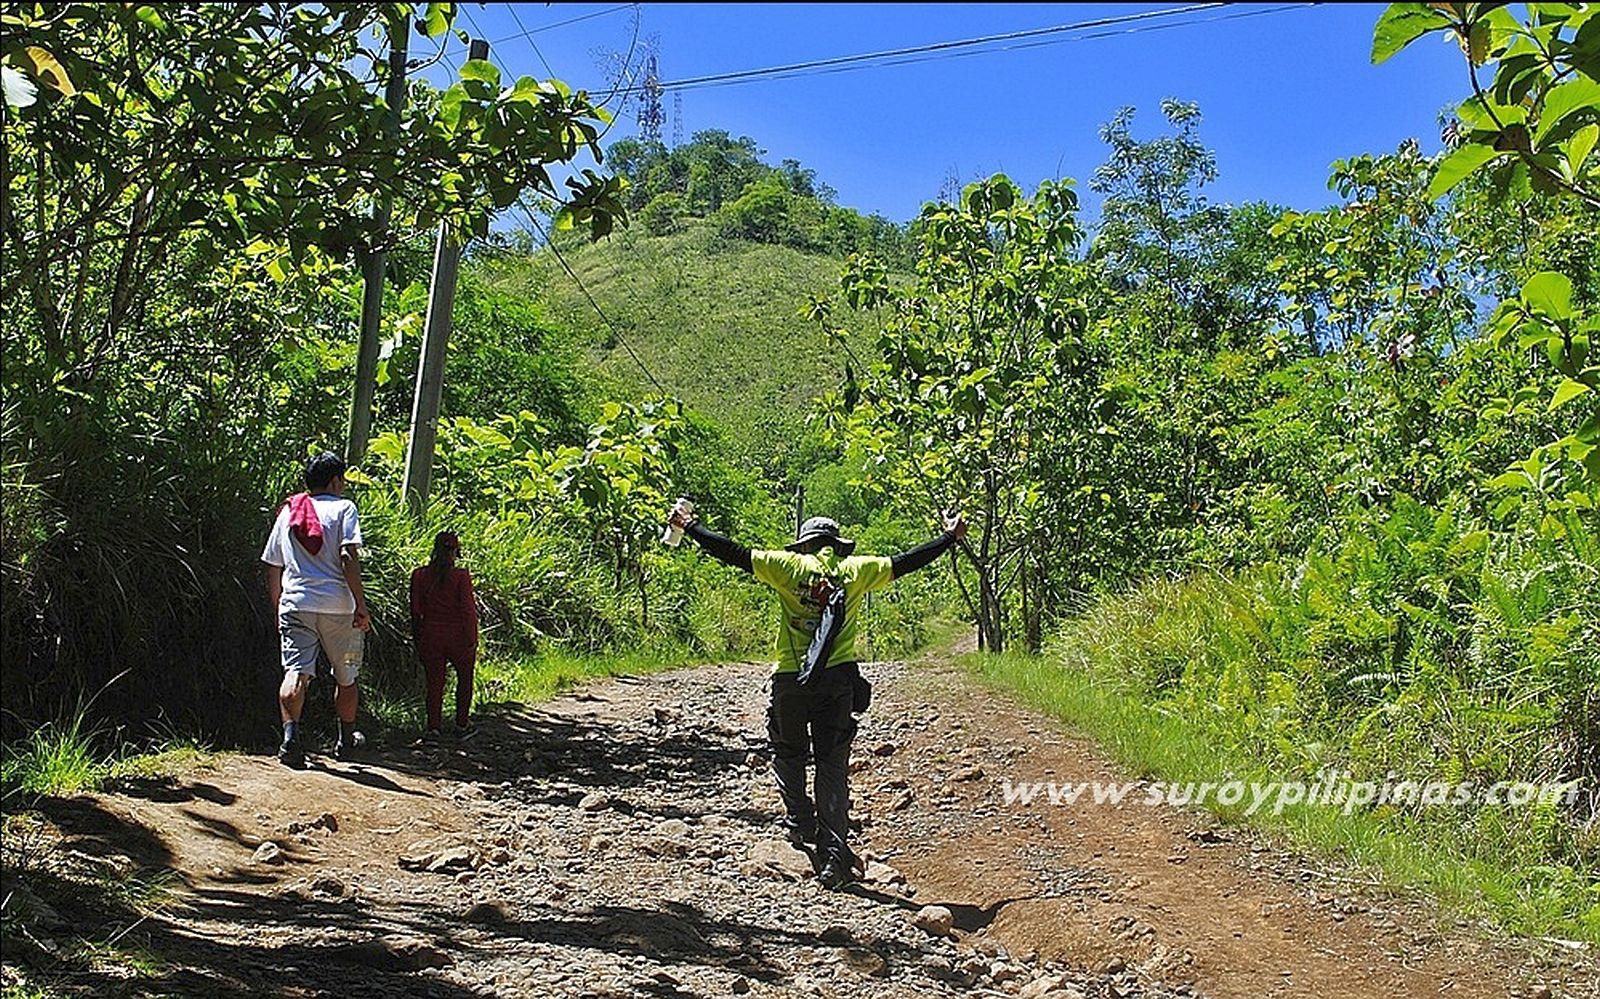 PHILIPPINEN REISEN - VULKANE - Touristische Beschreibung des Vulkans Musuan